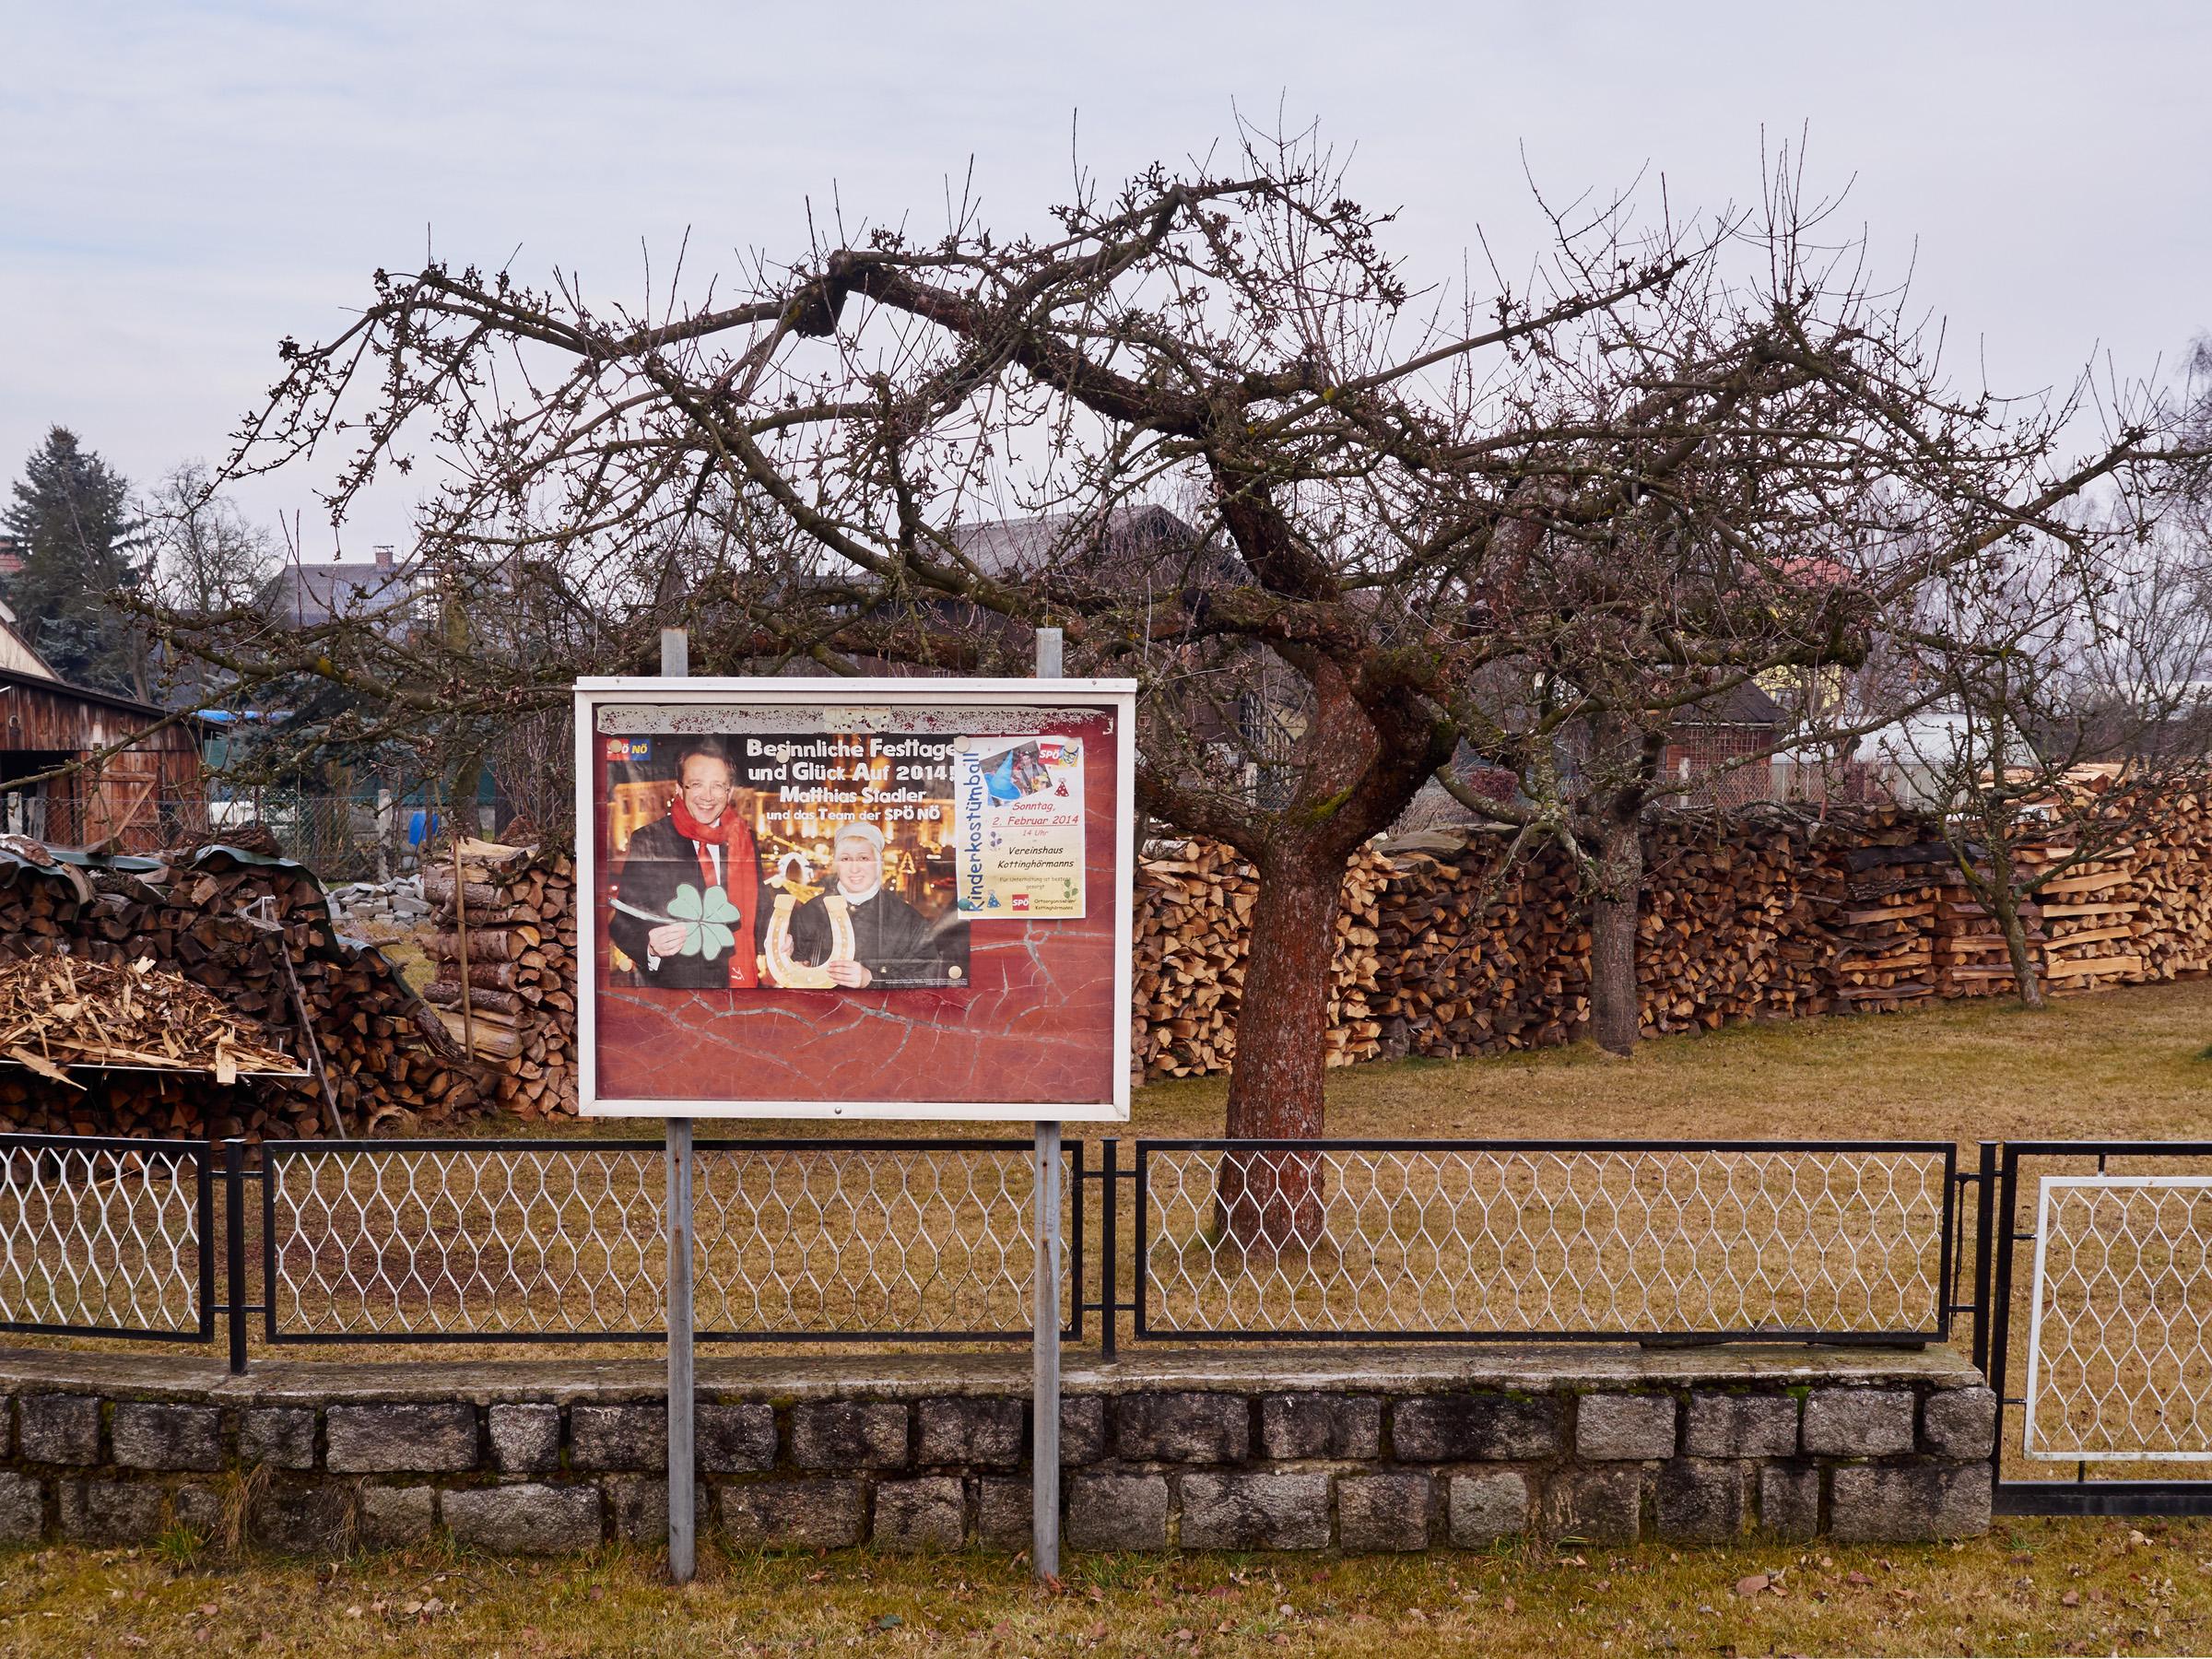 Kottinghörmanns weit 2014-01-19.jpg